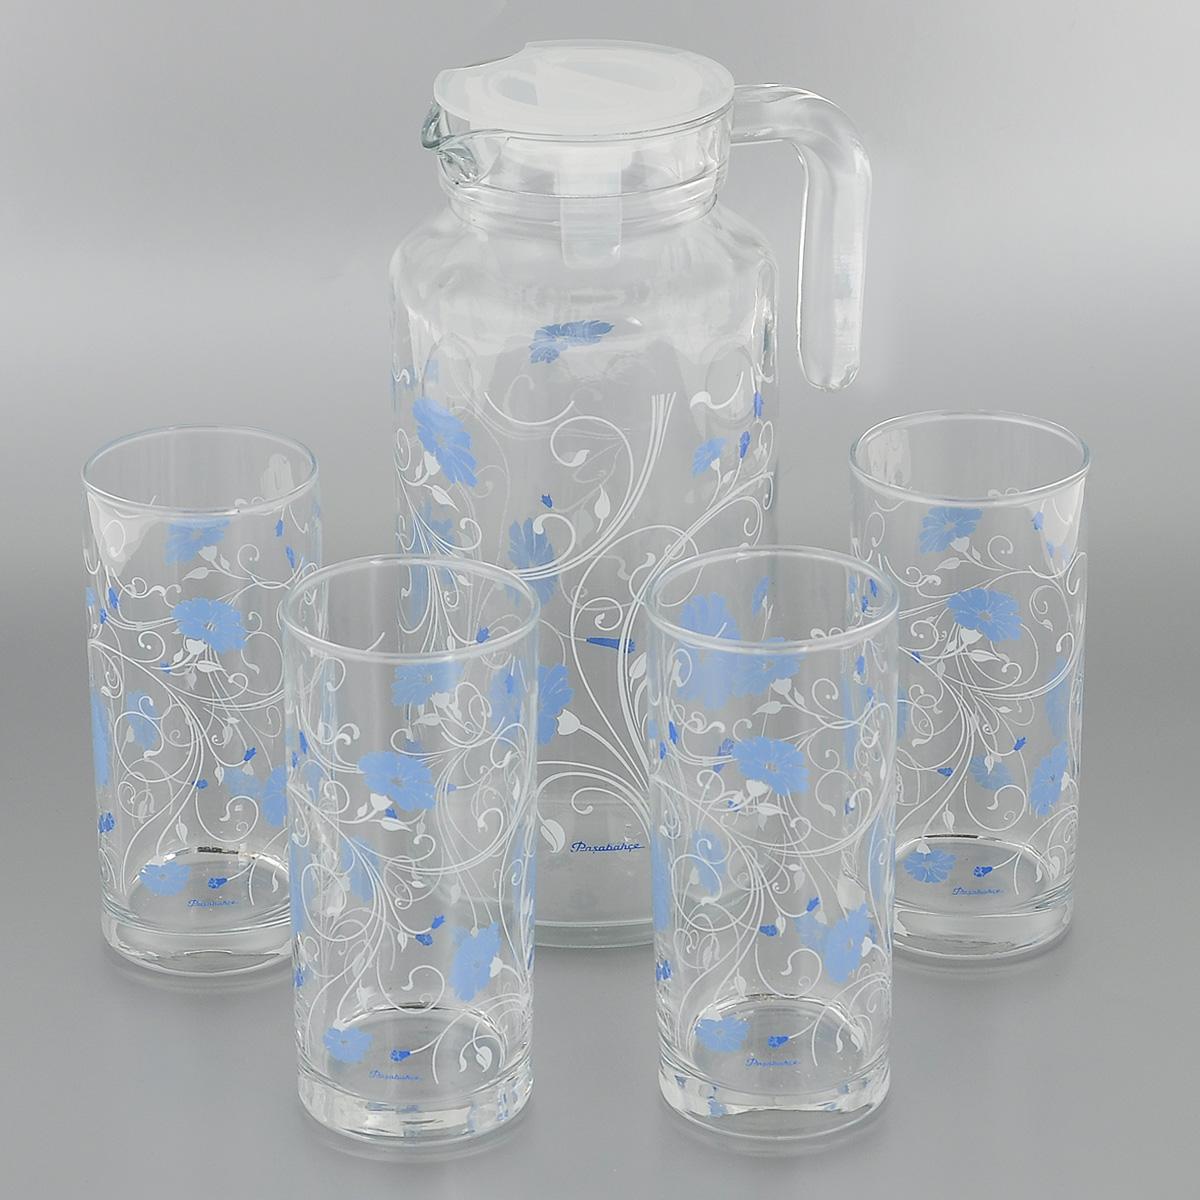 Набор для воды Pasabahce Workshop Serenade, цвет: синий, 5 предметовVT-1520(SR)Набор Pasabahce Workshop Serenade состоит из четырех стаканов и кувшина, выполненных из прочного натрий-кальций-силикатного стекла. Предметы набора, декорированные цветочным рисунком, предназначены для воды, сока и других напитков. Кувшин снабжен пластиковой, плотно закрывающейся крышкой. Изделия сочетают в себе элегантный дизайн и функциональность. Благодаря такому набору пить напитки будет еще вкуснее.Набор для воды Pasabahce Workshop Serenade прекрасно оформит праздничный стол и создаст приятную атмосферу. Такой набор также станет хорошим подарком к любому случаю. Можно мыть в посудомоечной машине и использовать в микроволновой печи.Объем кувшина: 1,3 л. Диаметр кувшина (по верхнему краю): 7,5 см. Высота кувшина (без учета крышки): 22,5 см. Объем стакана: 290 мл. Диаметр стакана (по верхнему краю): 5,5 см. Высота стакана: 13 см.